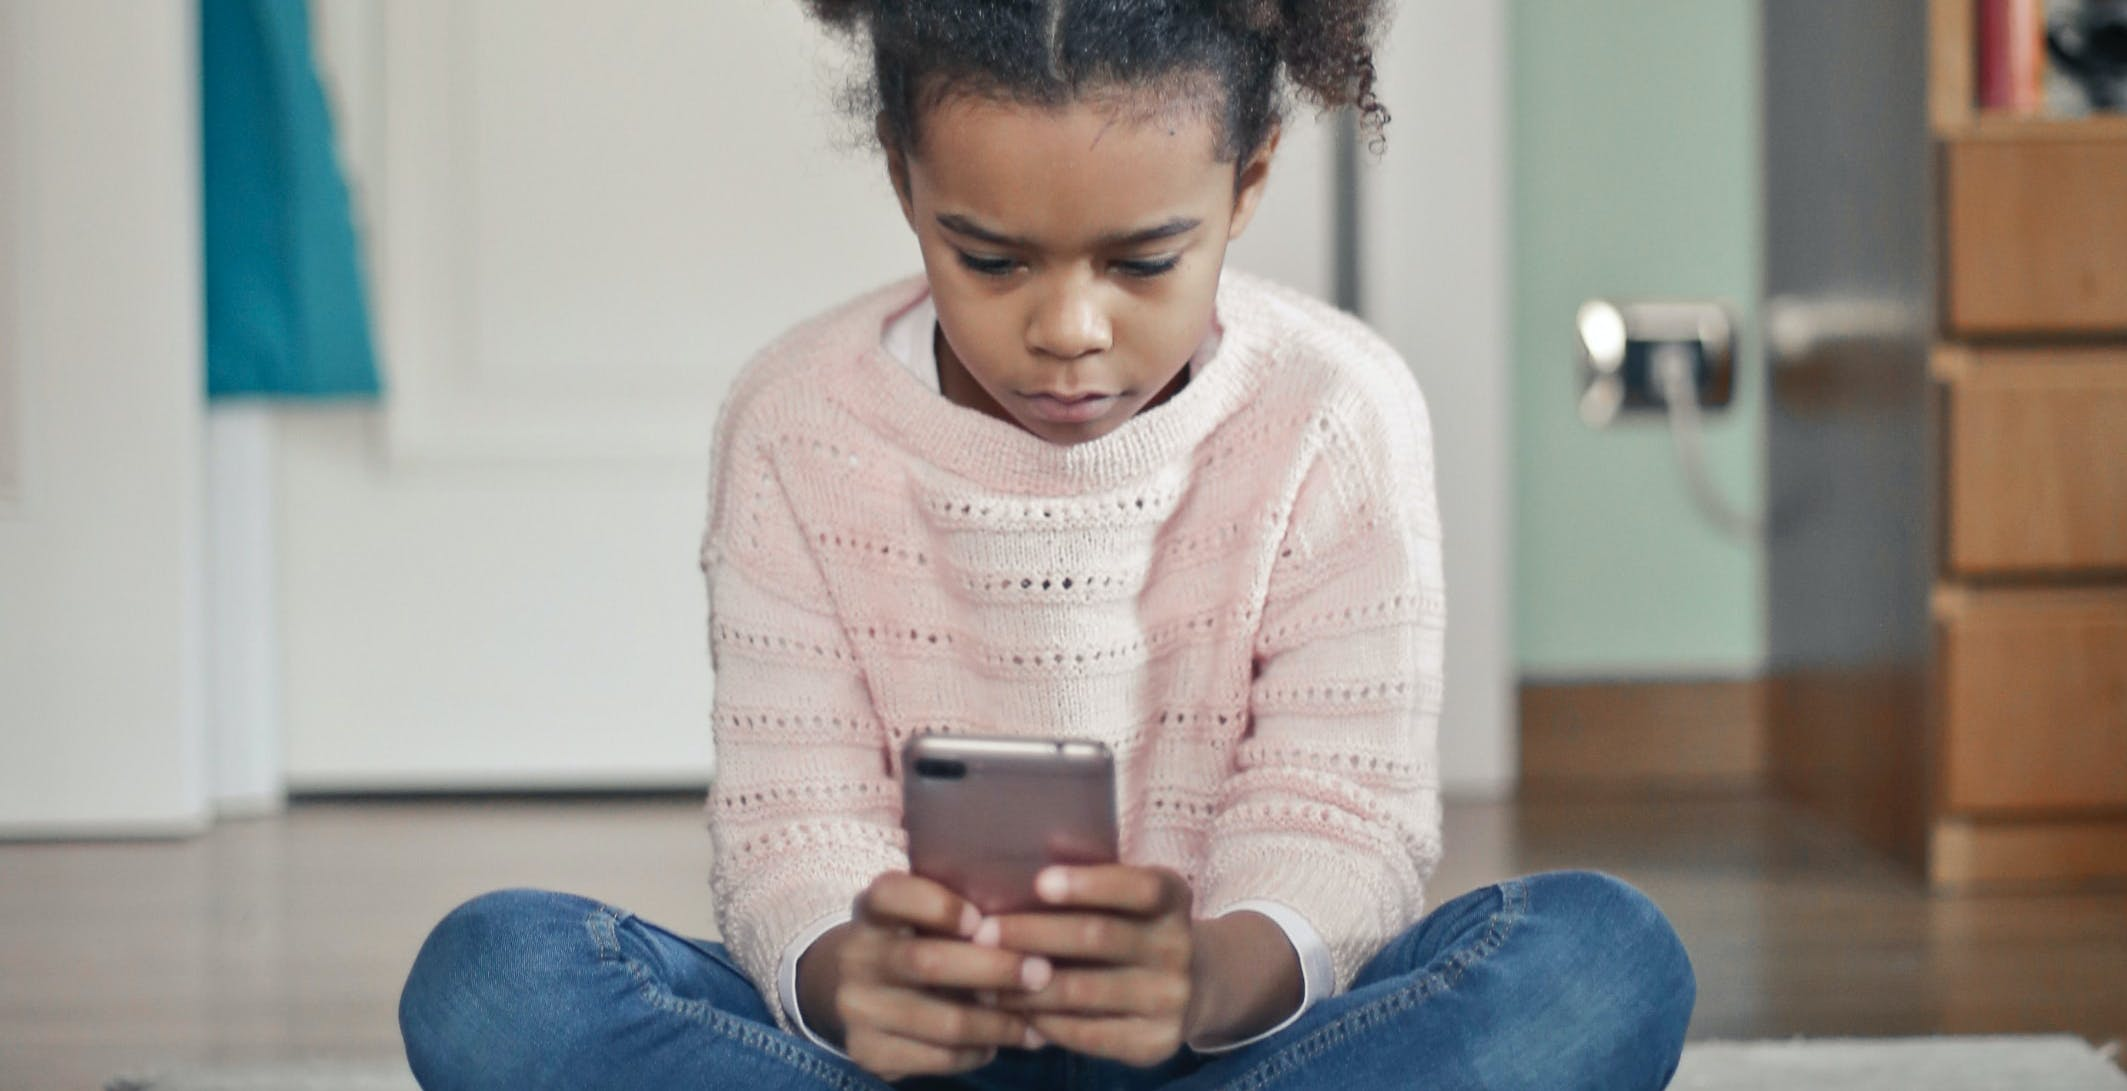 I minorenni potranno chiedere di rimuovere le loro foto dai risultati delle ricerche Google